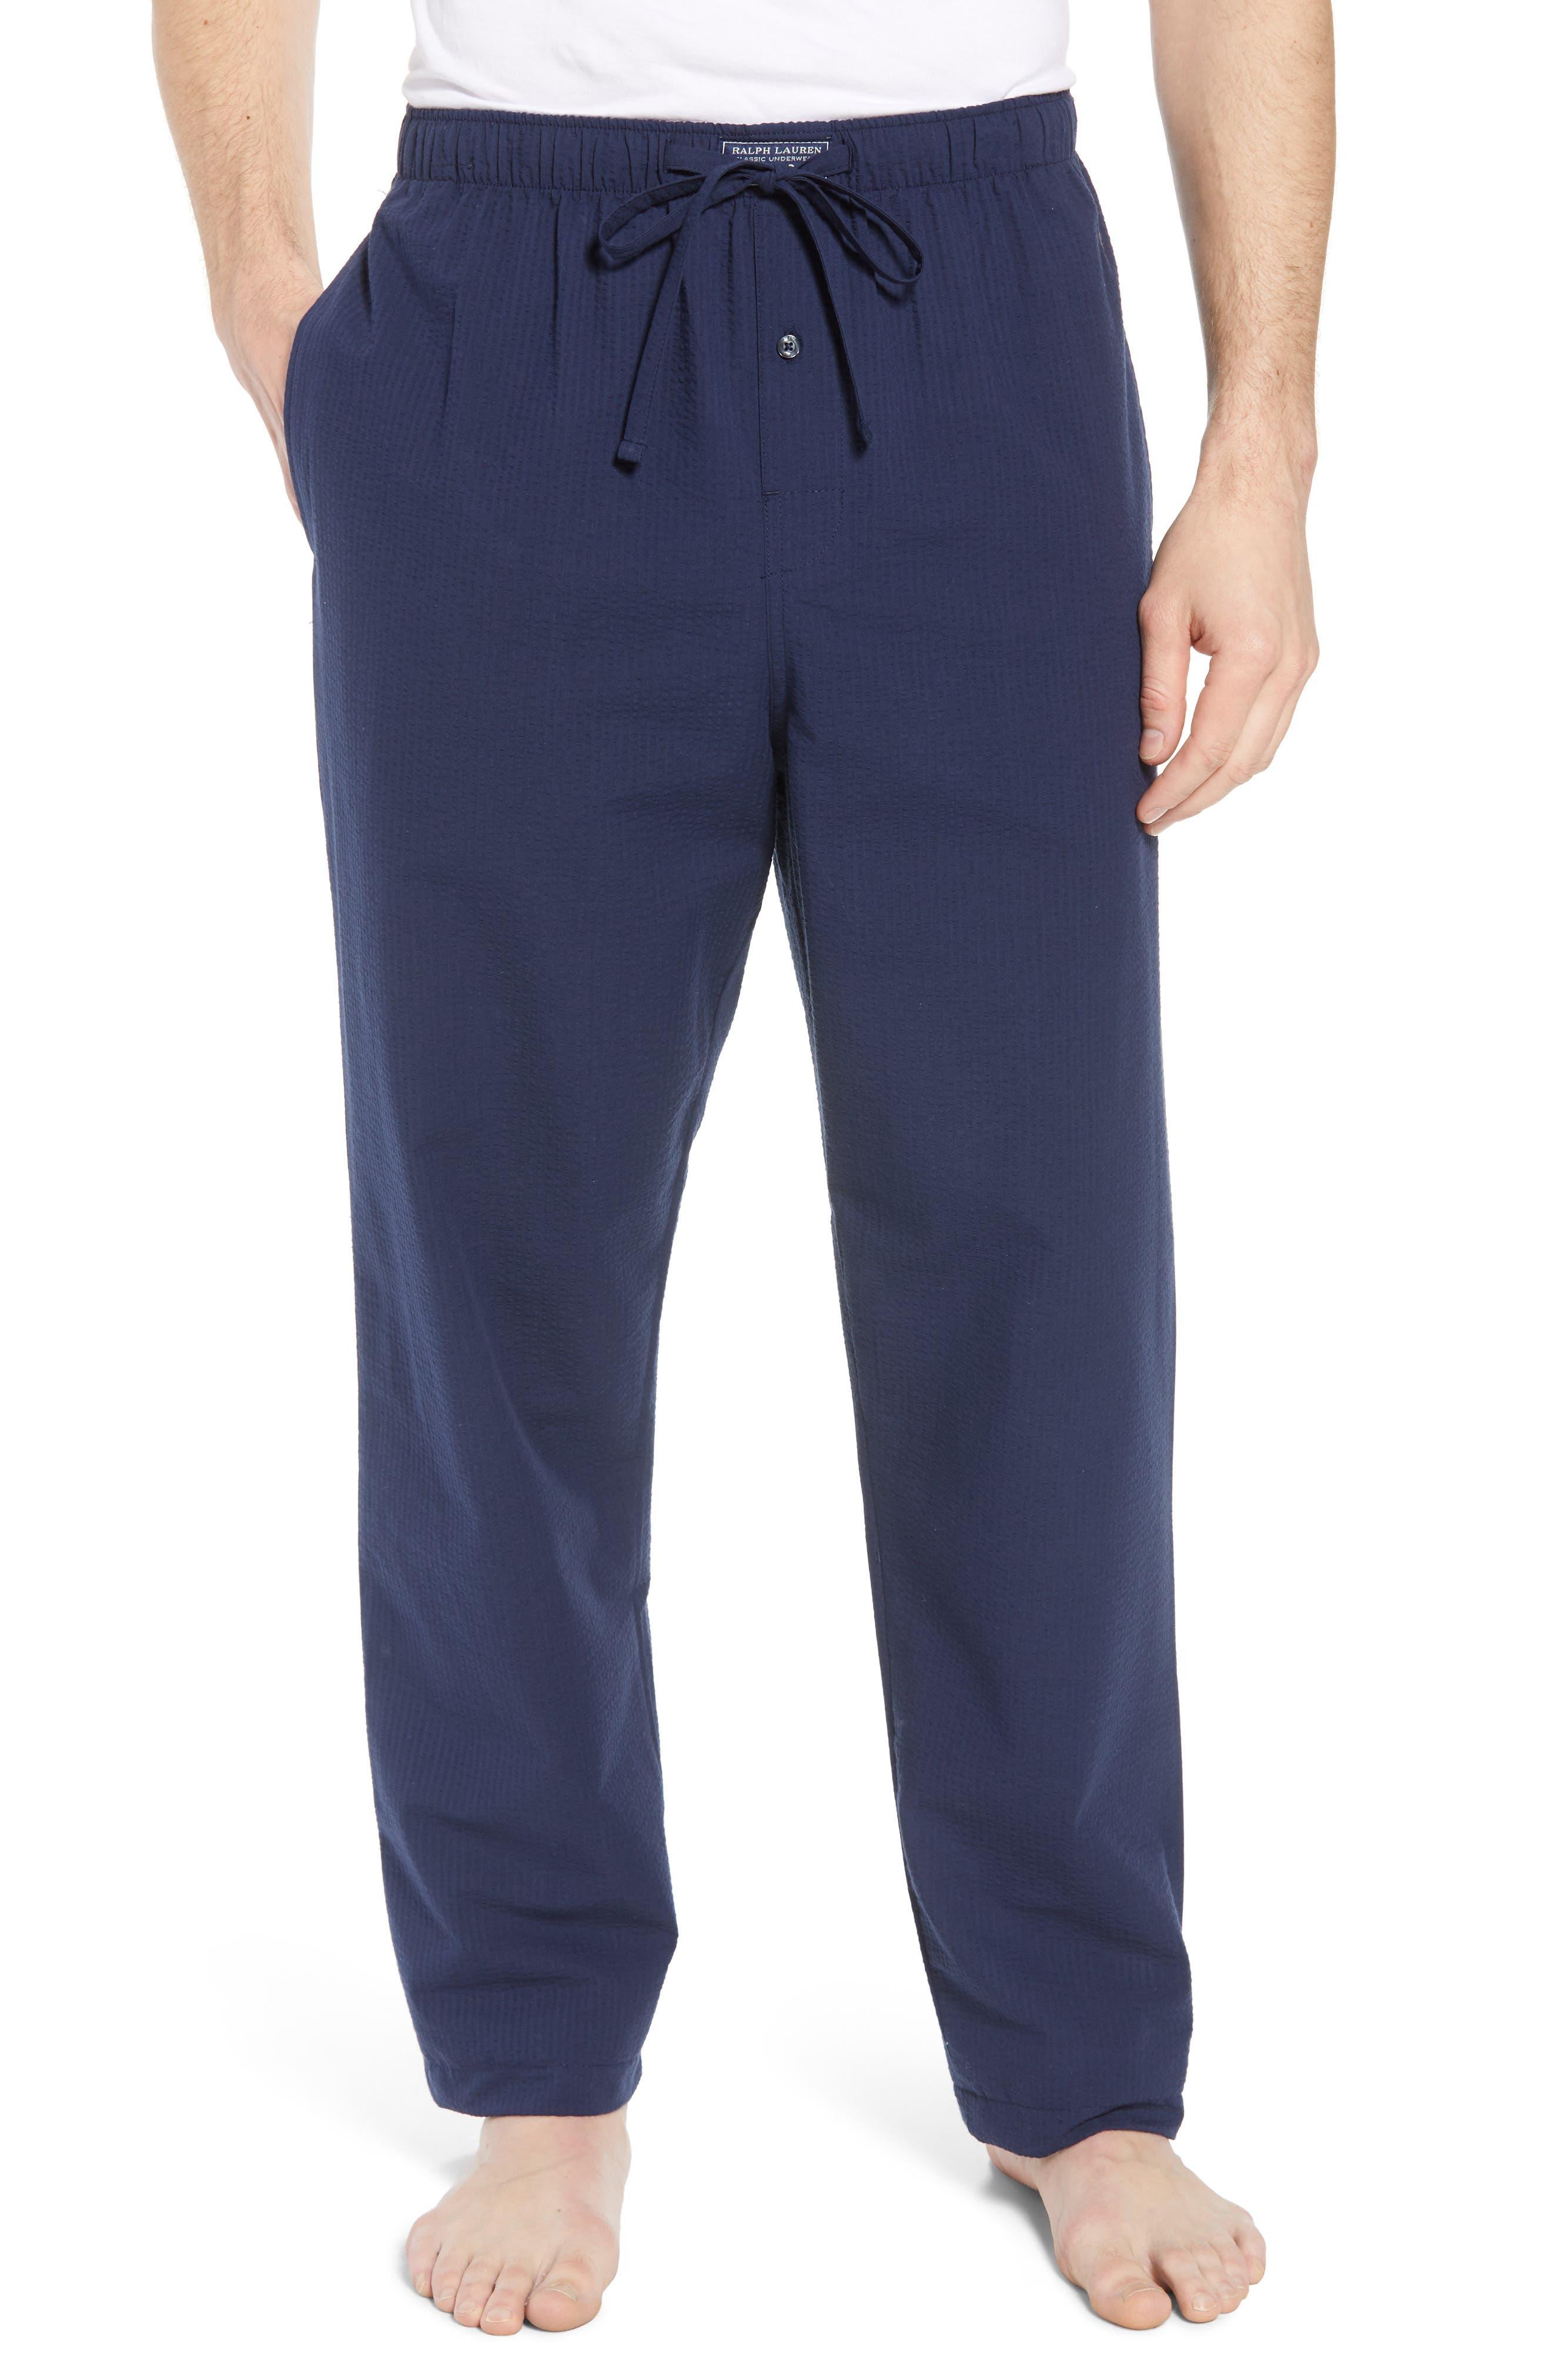 Seersucker Pajama Pants,                             Main thumbnail 1, color,                             NAVY SEERSUCKER